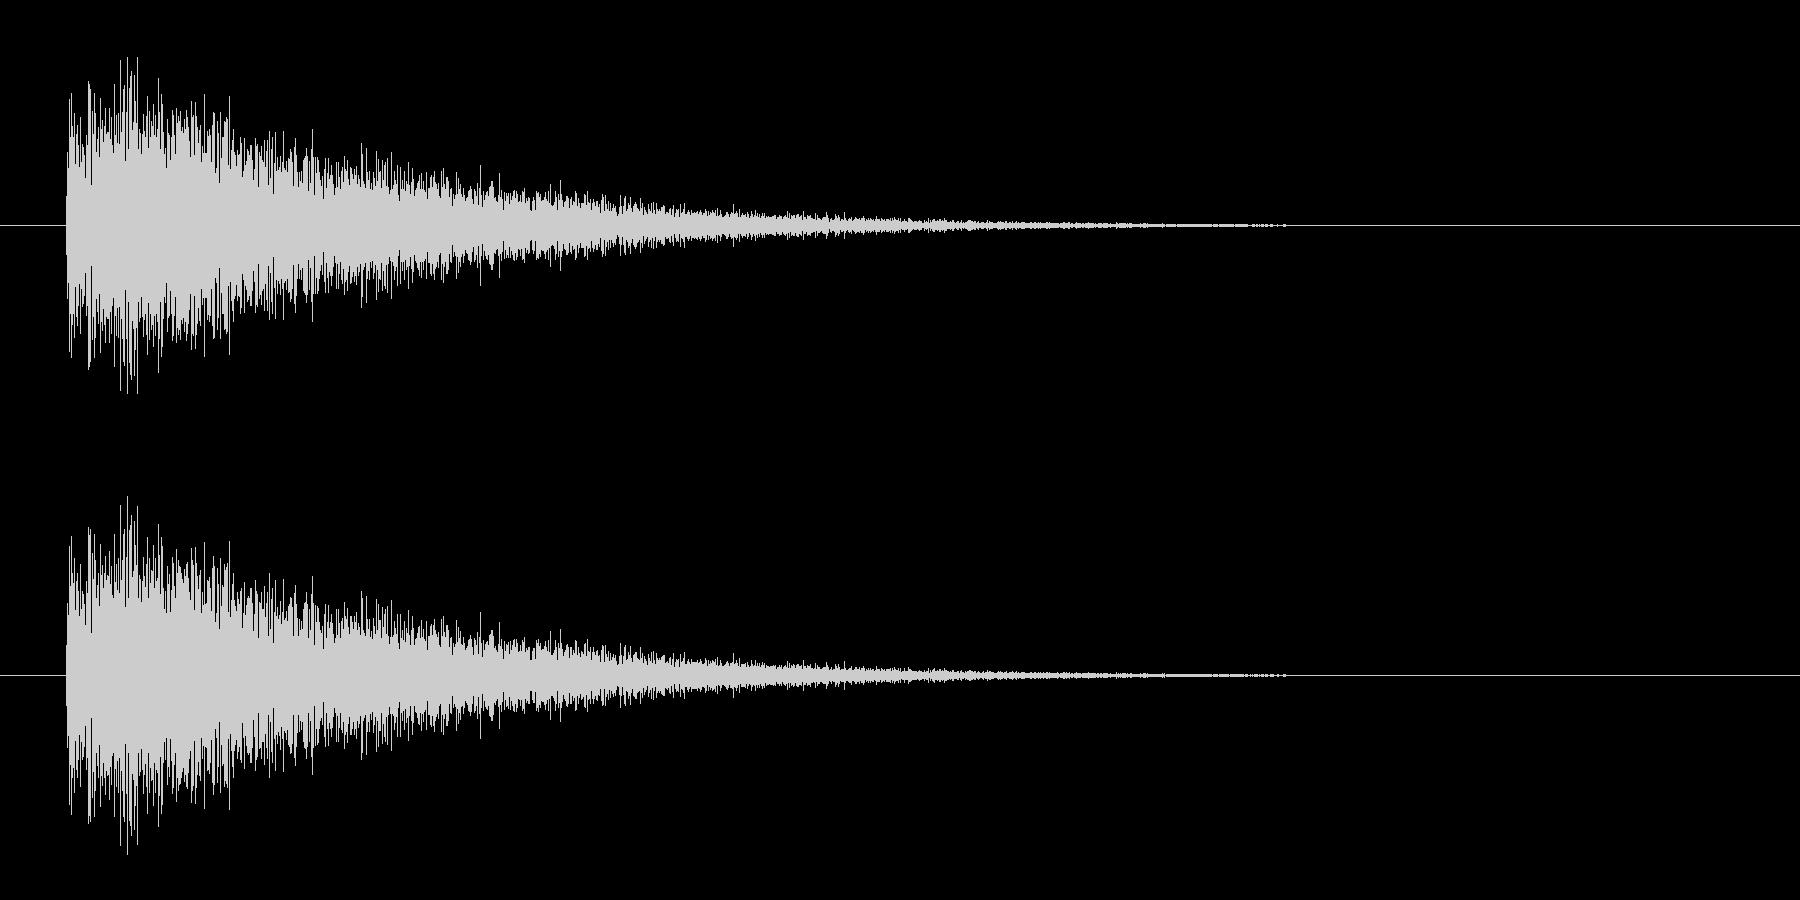 レーザー音-09-3の未再生の波形